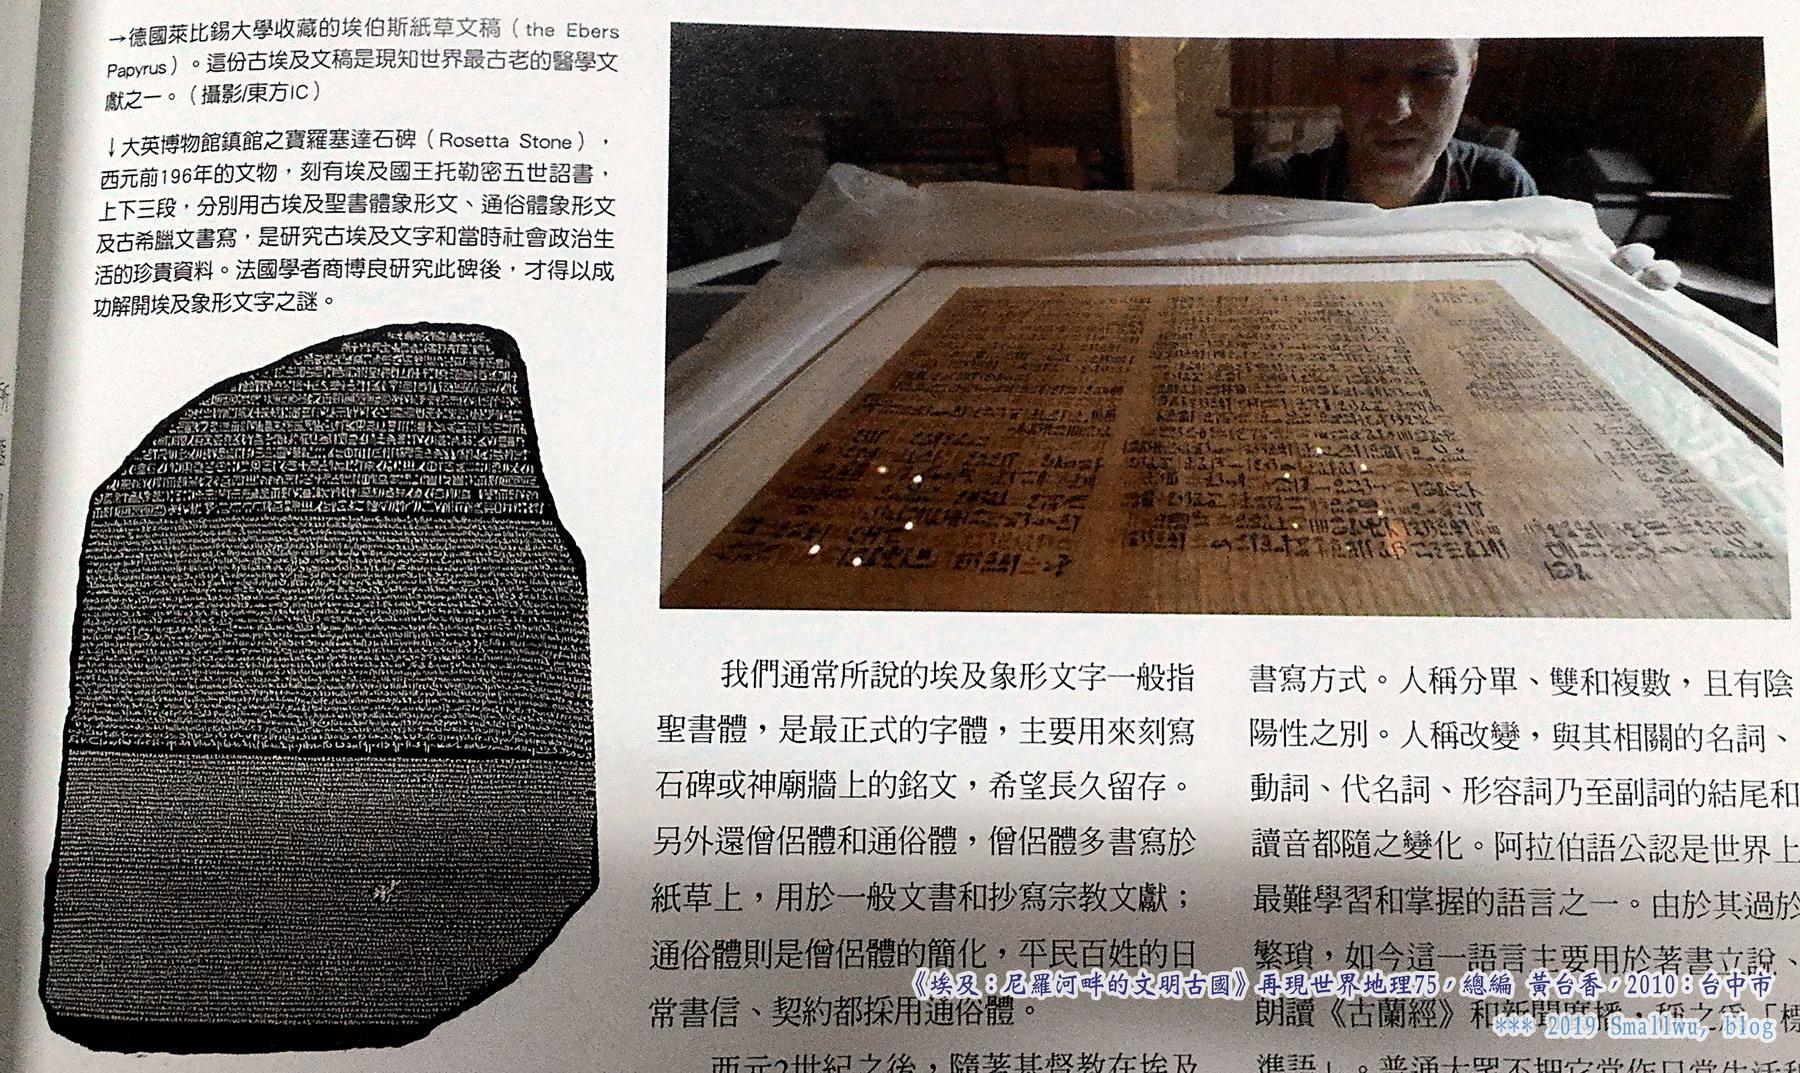 再現世界地理75-埃及-尼羅河畔的文明古國_04 埃伯斯紙草-最古老醫學手稿, 羅賽達石碑.jpg